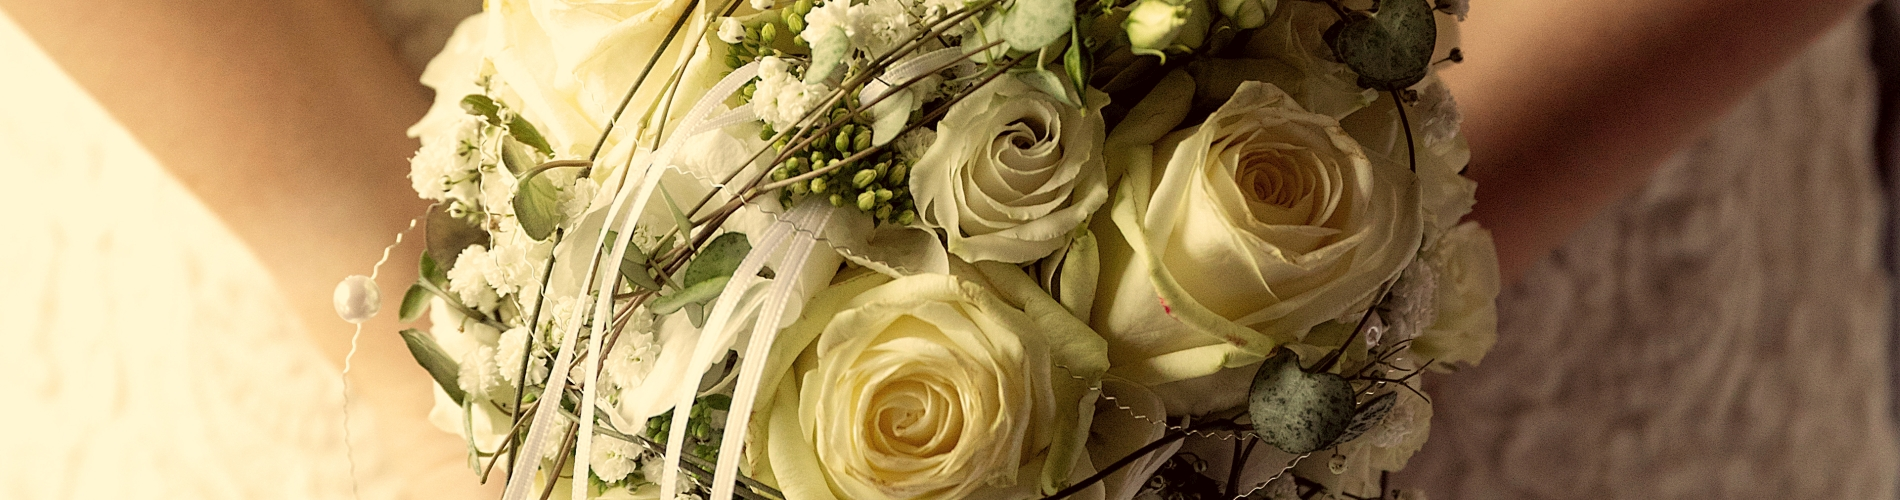 Hochzeitsfloristik, Brautstrauss, Blumento in Berikon